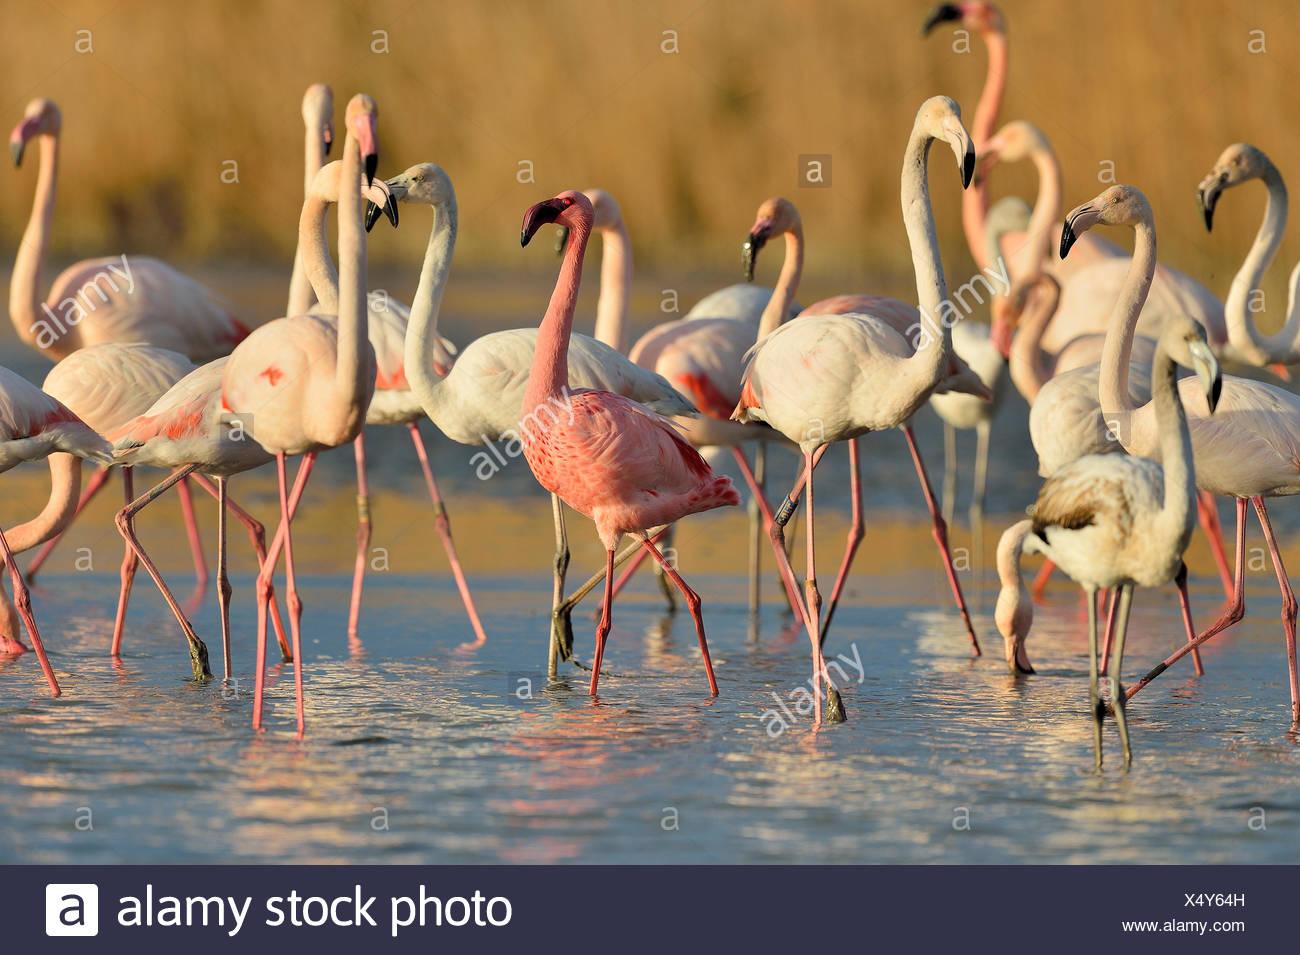 Dwarf Flamingo among Great flamingos - Camargue France Stock Photo